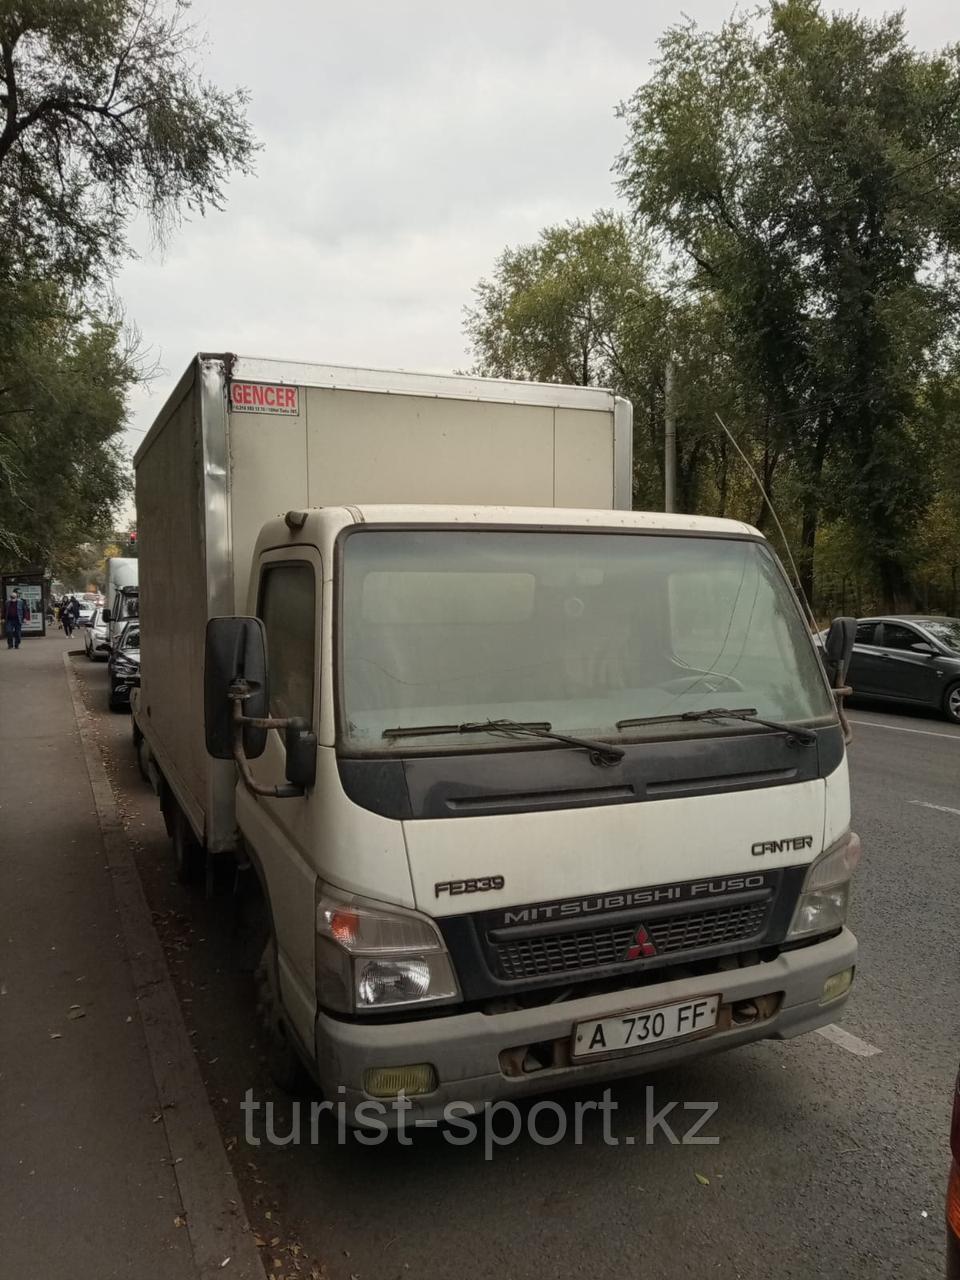 Заключаем договор по развозке товаров с компаниями и магазинами Mitsubishi Canter 2008 года